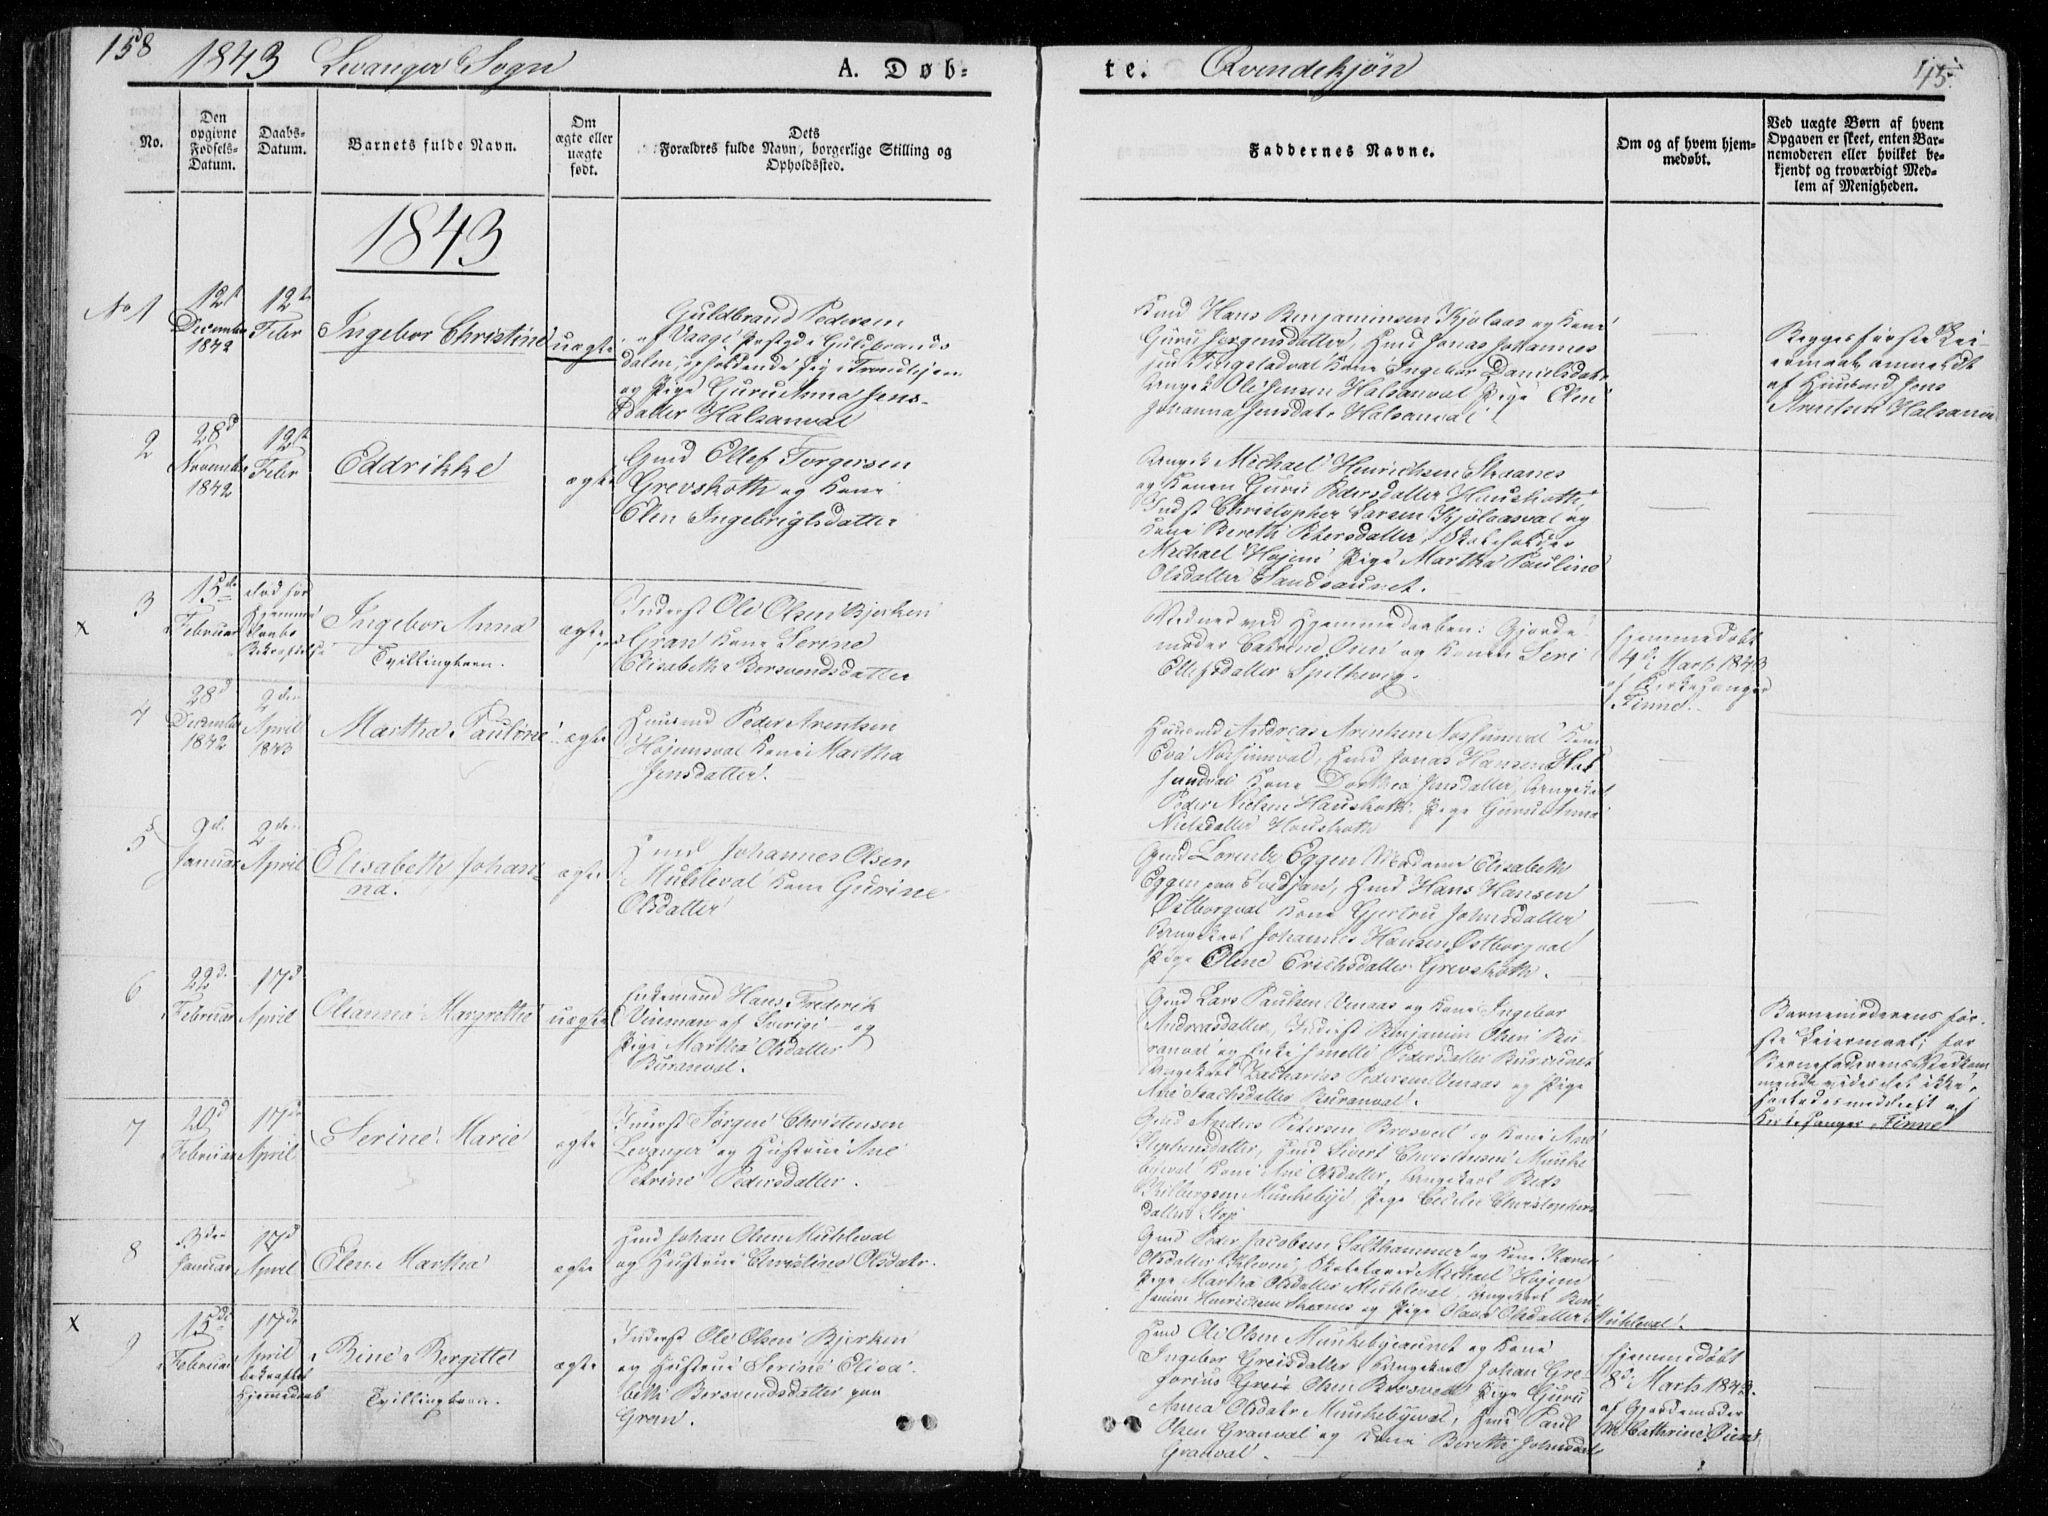 SAT, Ministerialprotokoller, klokkerbøker og fødselsregistre - Nord-Trøndelag, 720/L0183: Ministerialbok nr. 720A01, 1836-1855, s. 45